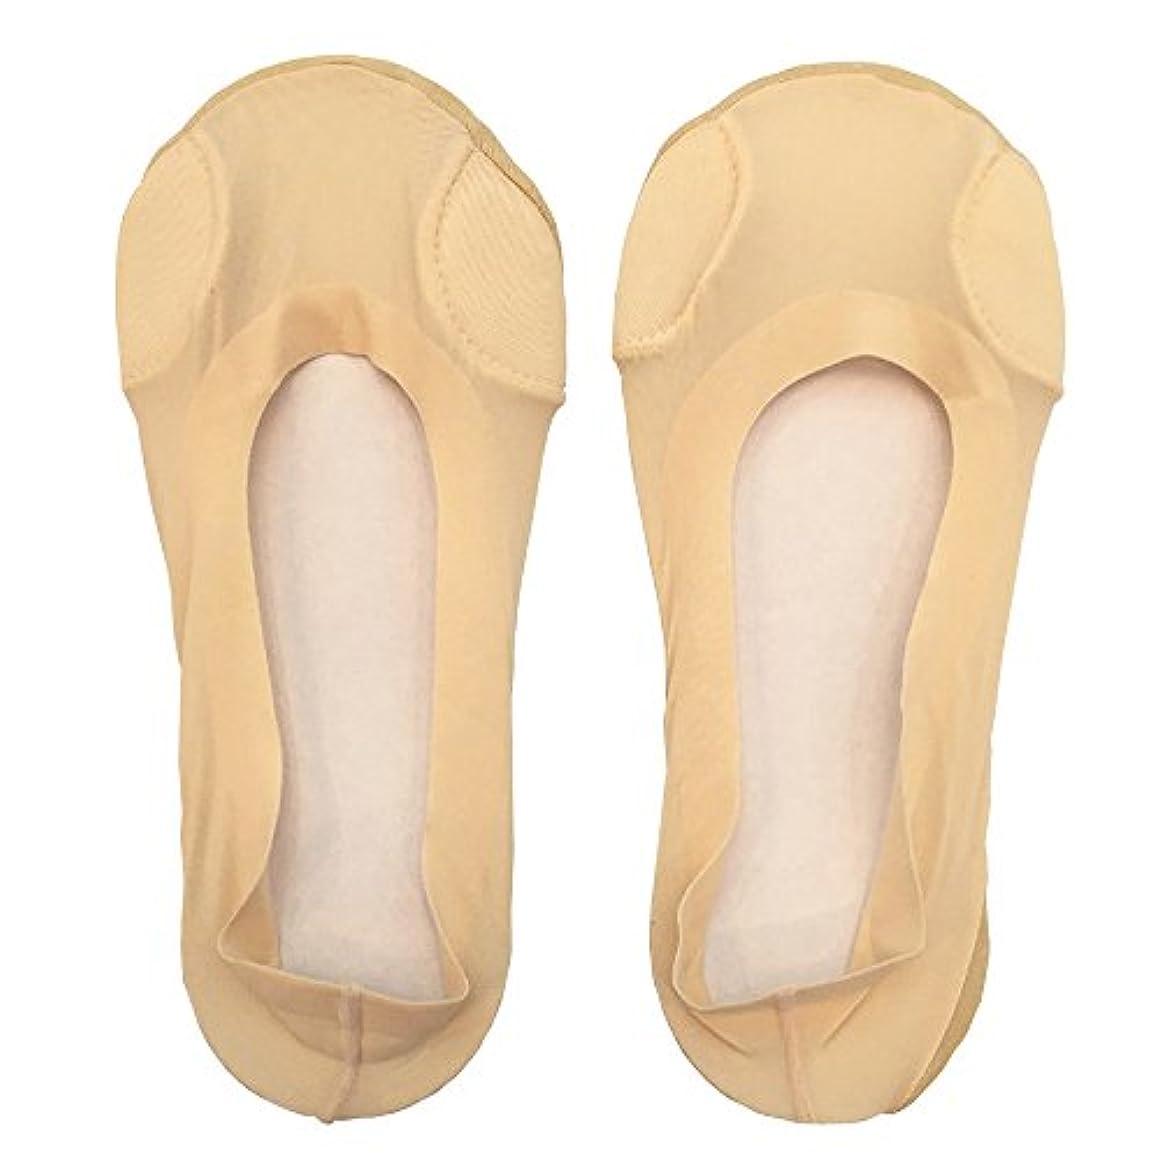 ディスコ取得するリクルートDrScholl(ドクターショール)靴ずれ防止フットカバー 指両側クッション付き 8805DR-80 ベージュ